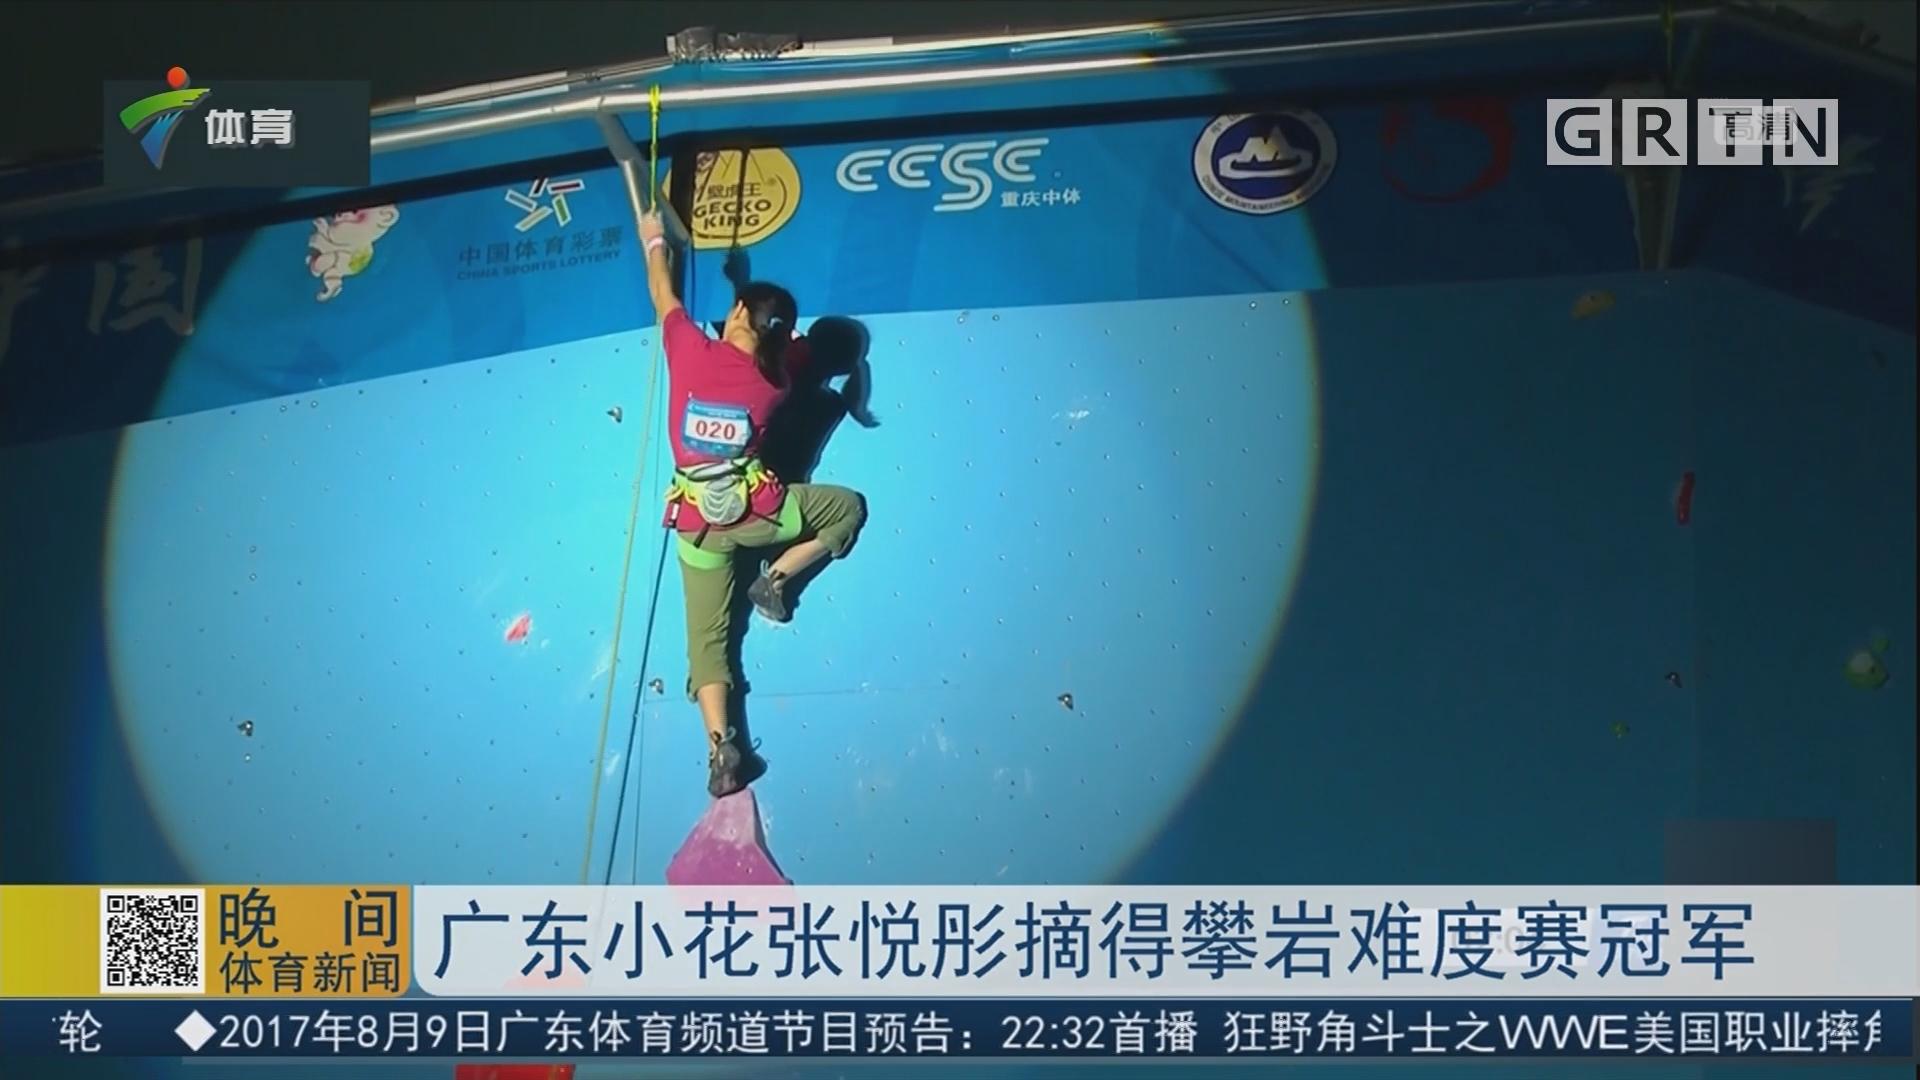 广东小花张悦彤摘得攀岩难度赛冠军